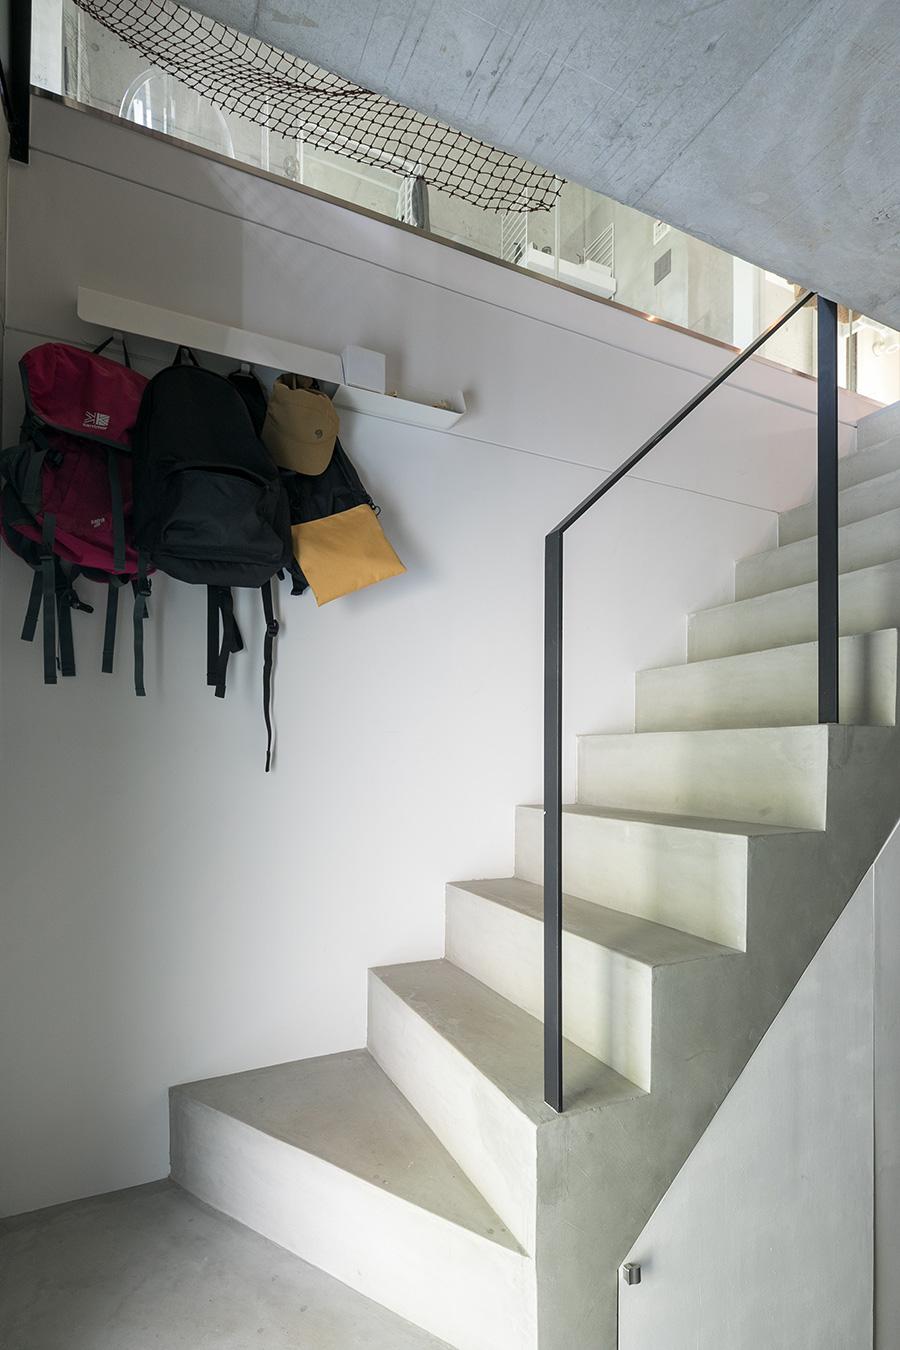 「収納の場所が少なかったので、階段下を収納にしました。扉はDIYでつけました」